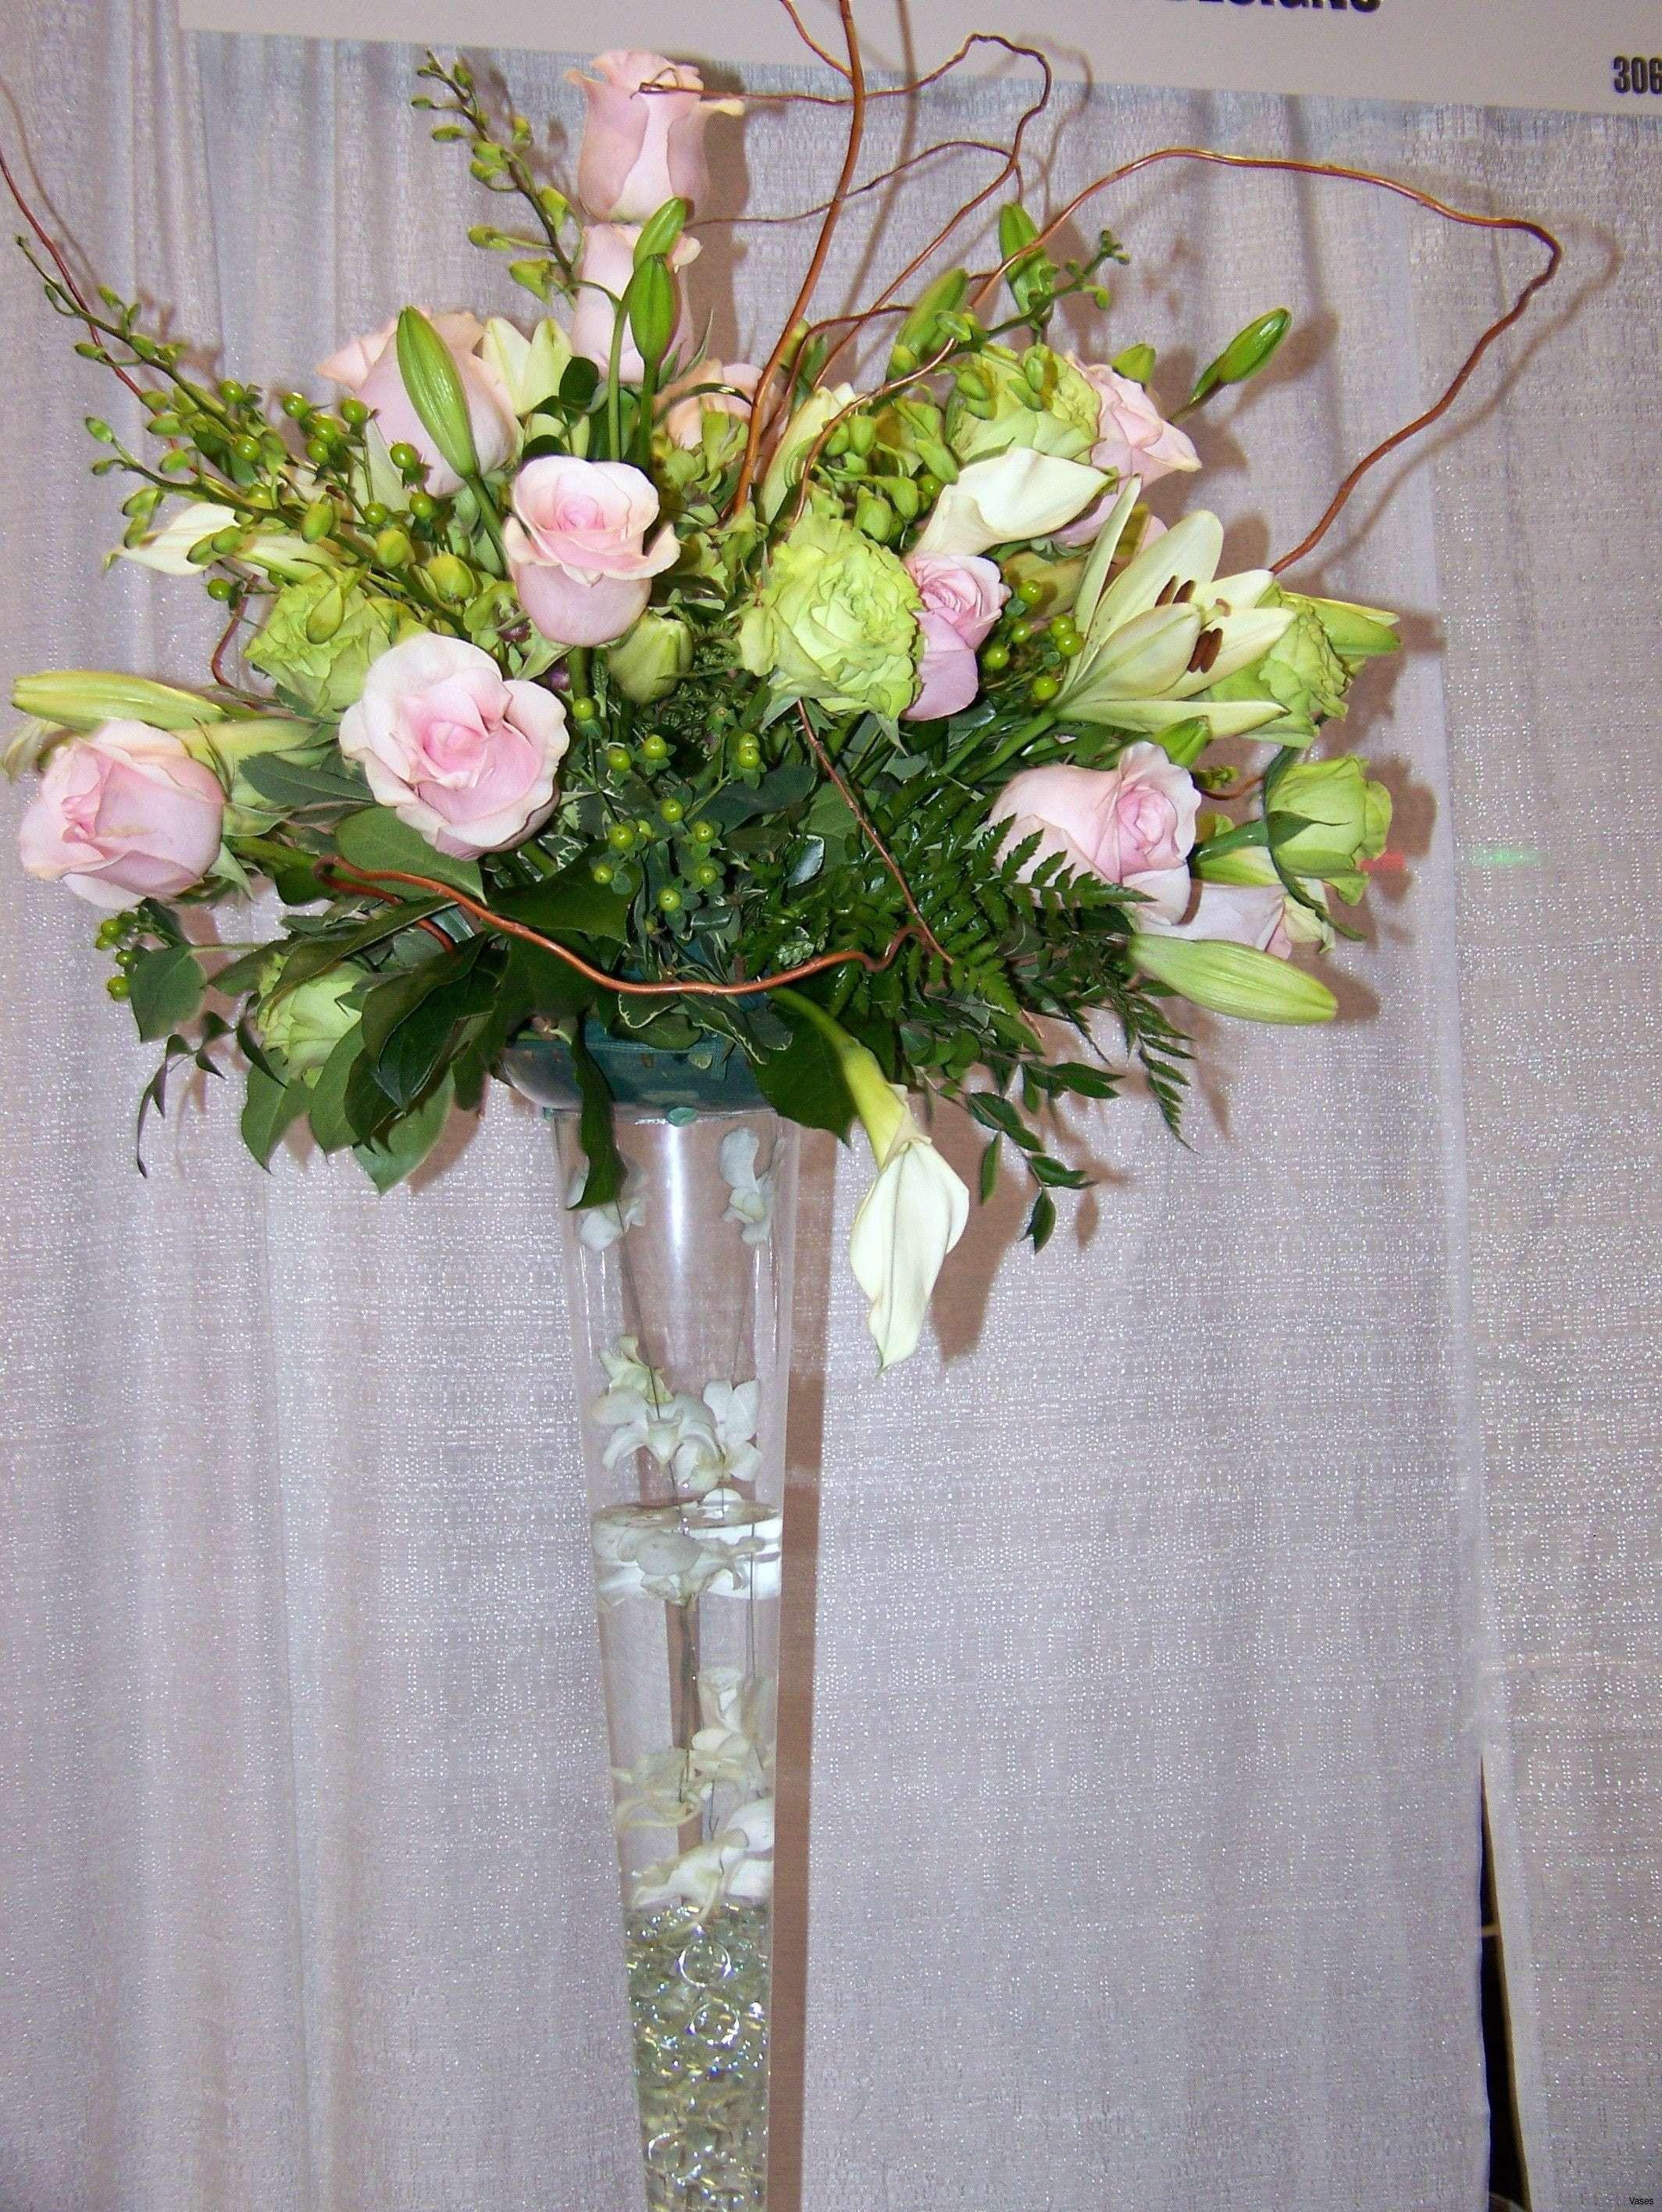 H Vases Ideas for Floral Arrangements In I 0d Design Ideas Design Design Ideas Flower